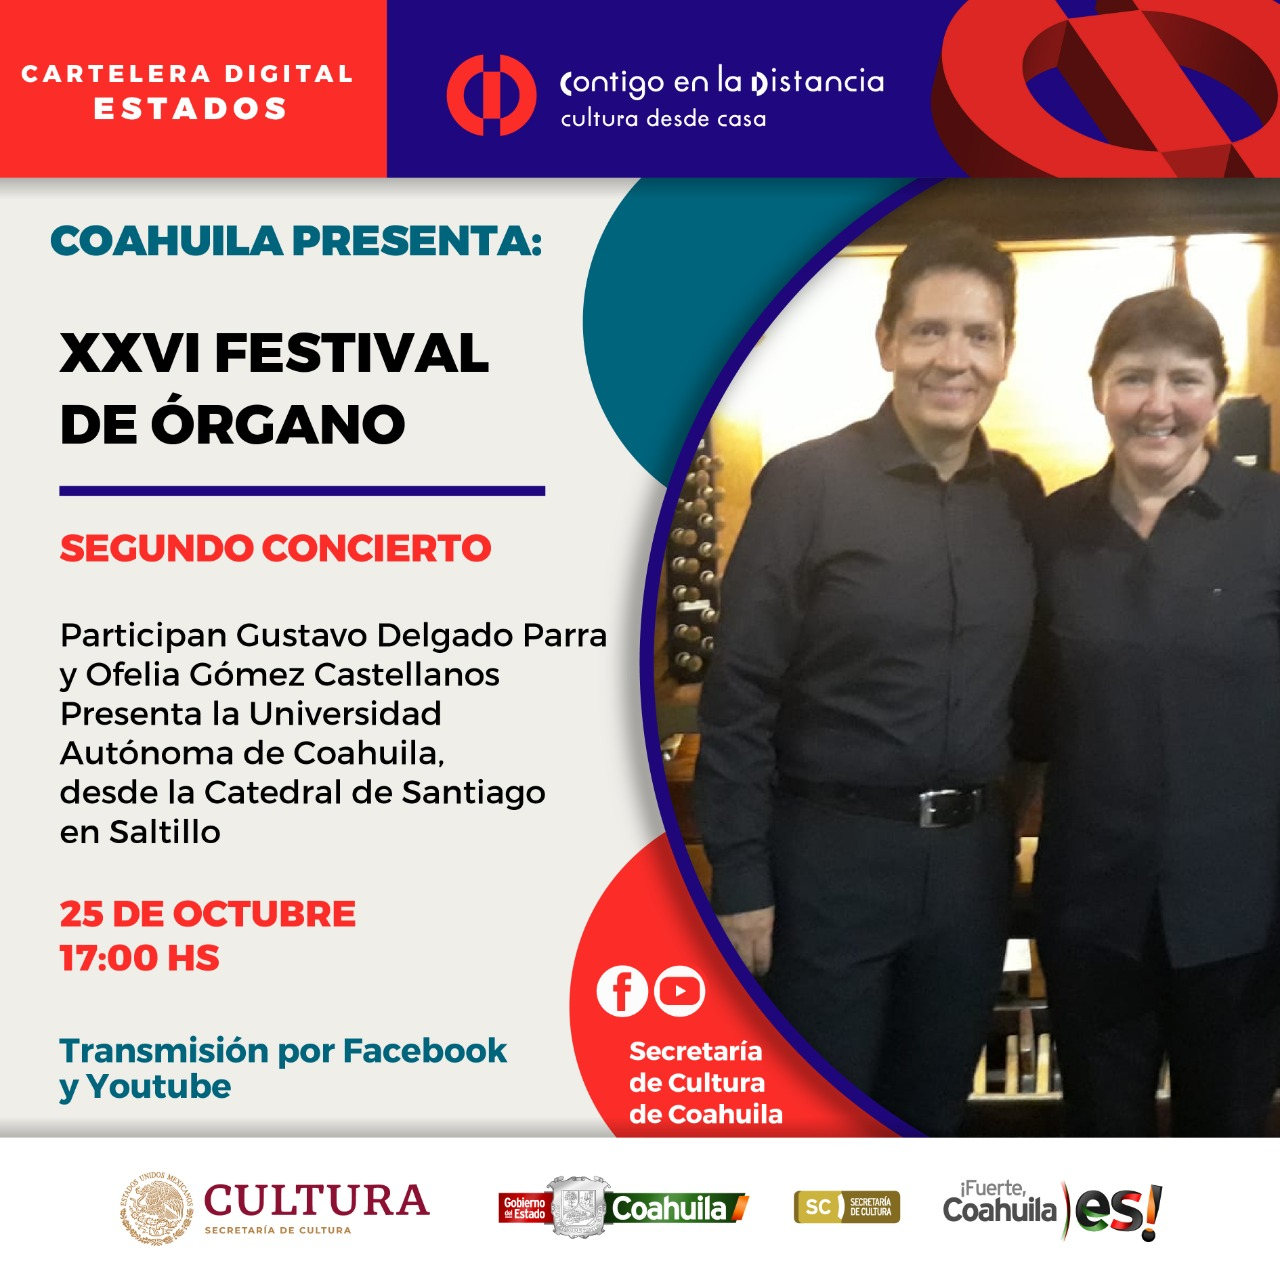 COAHUILA PRESENTA: XXVI FESTIVAL DE ÓRGANO